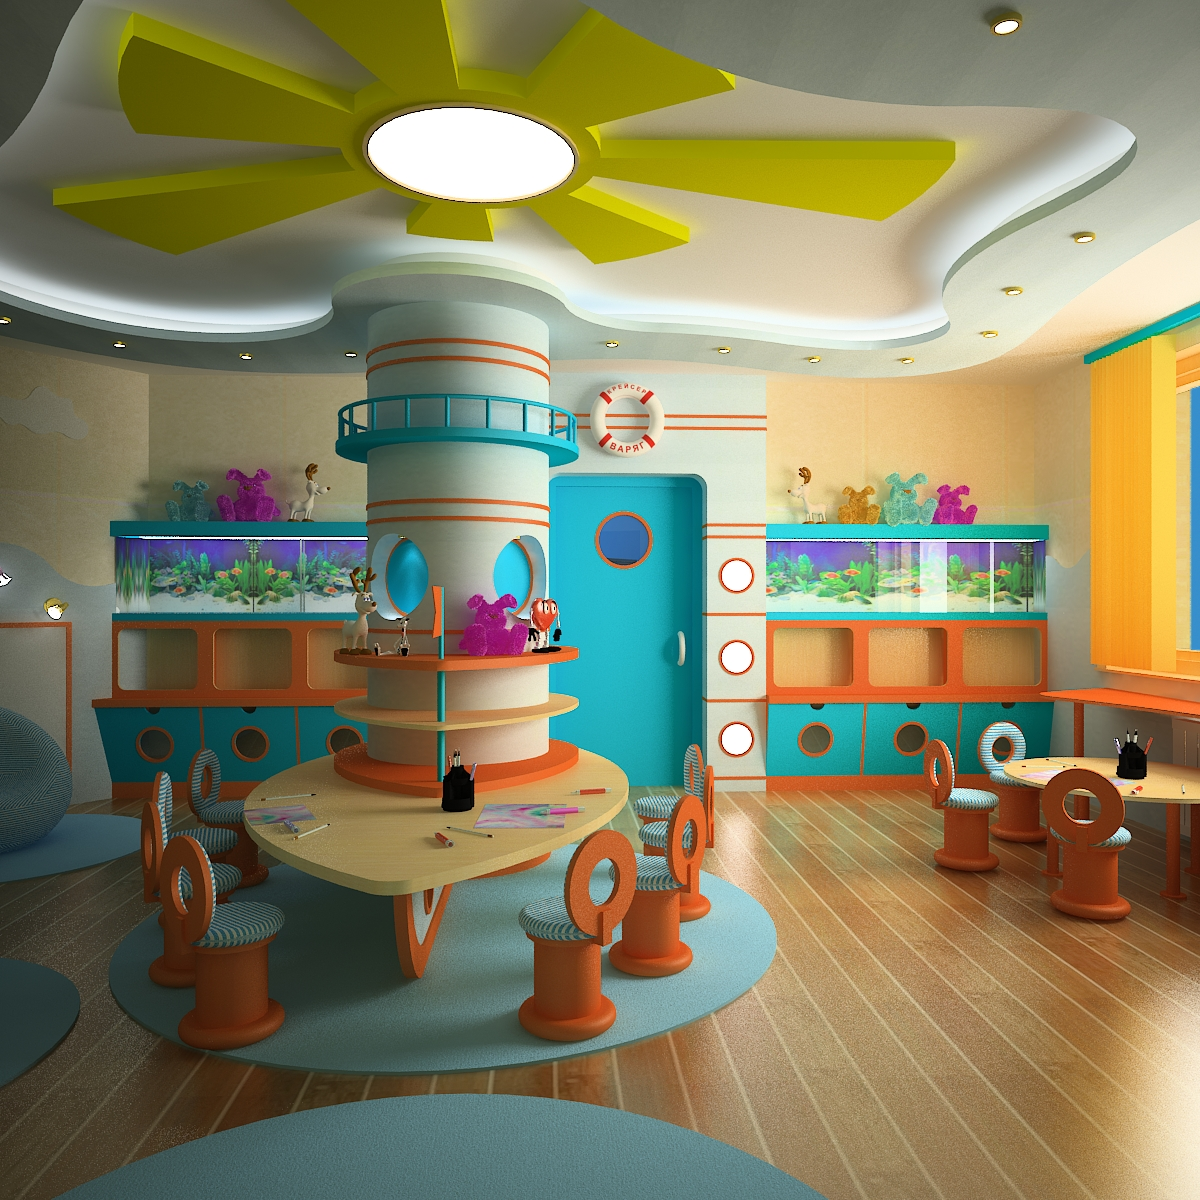 Фото и дизайн в детских садах